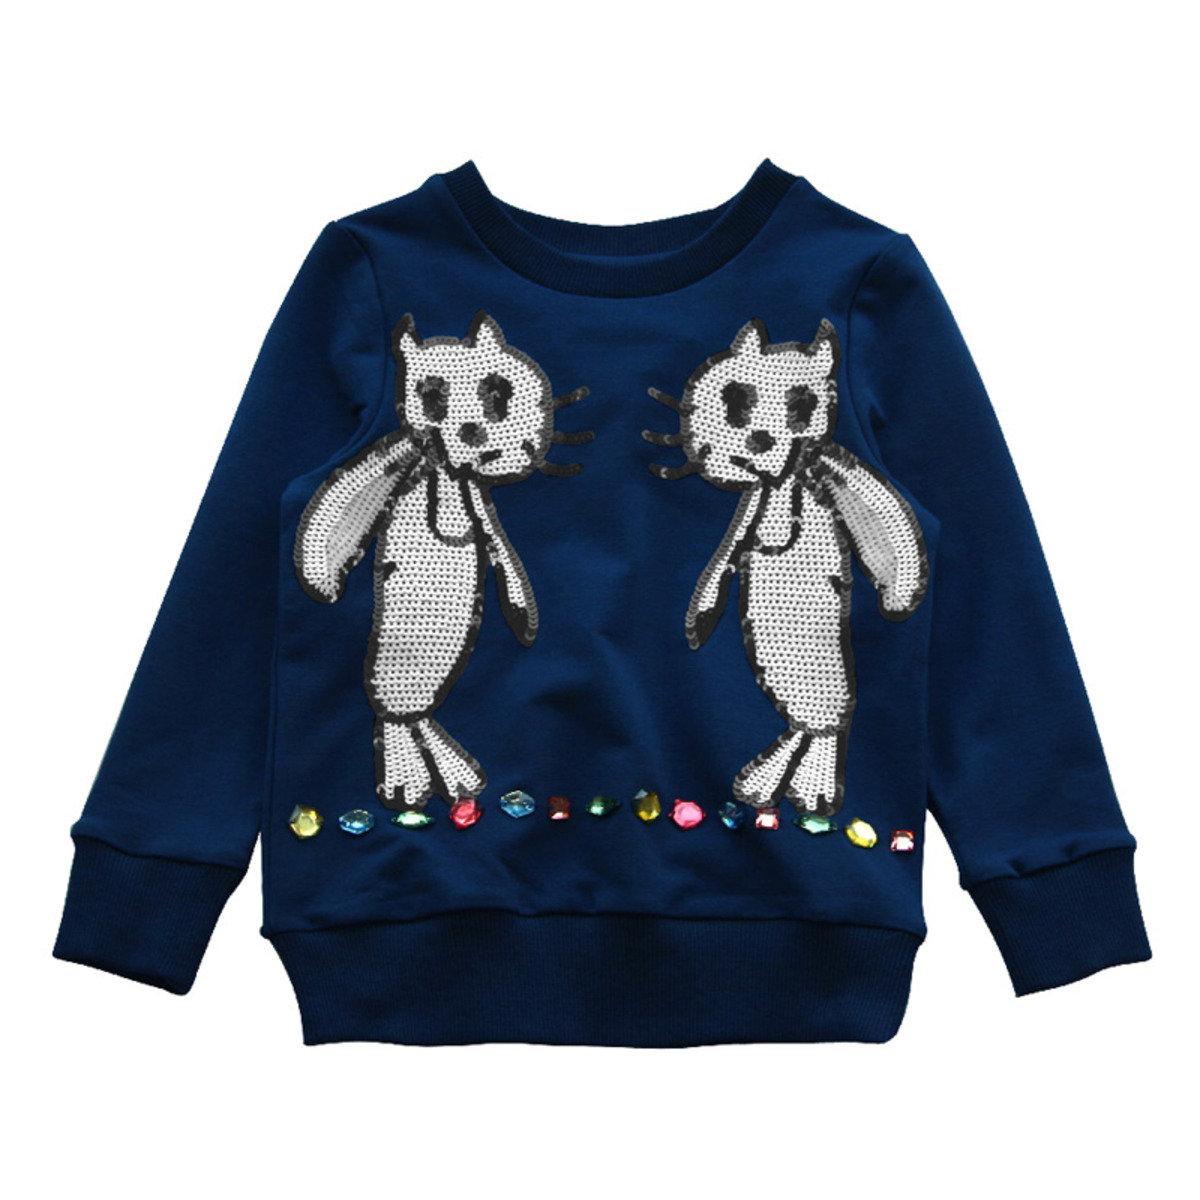 Lovie珠片小貓寶石衛衣(藍色)